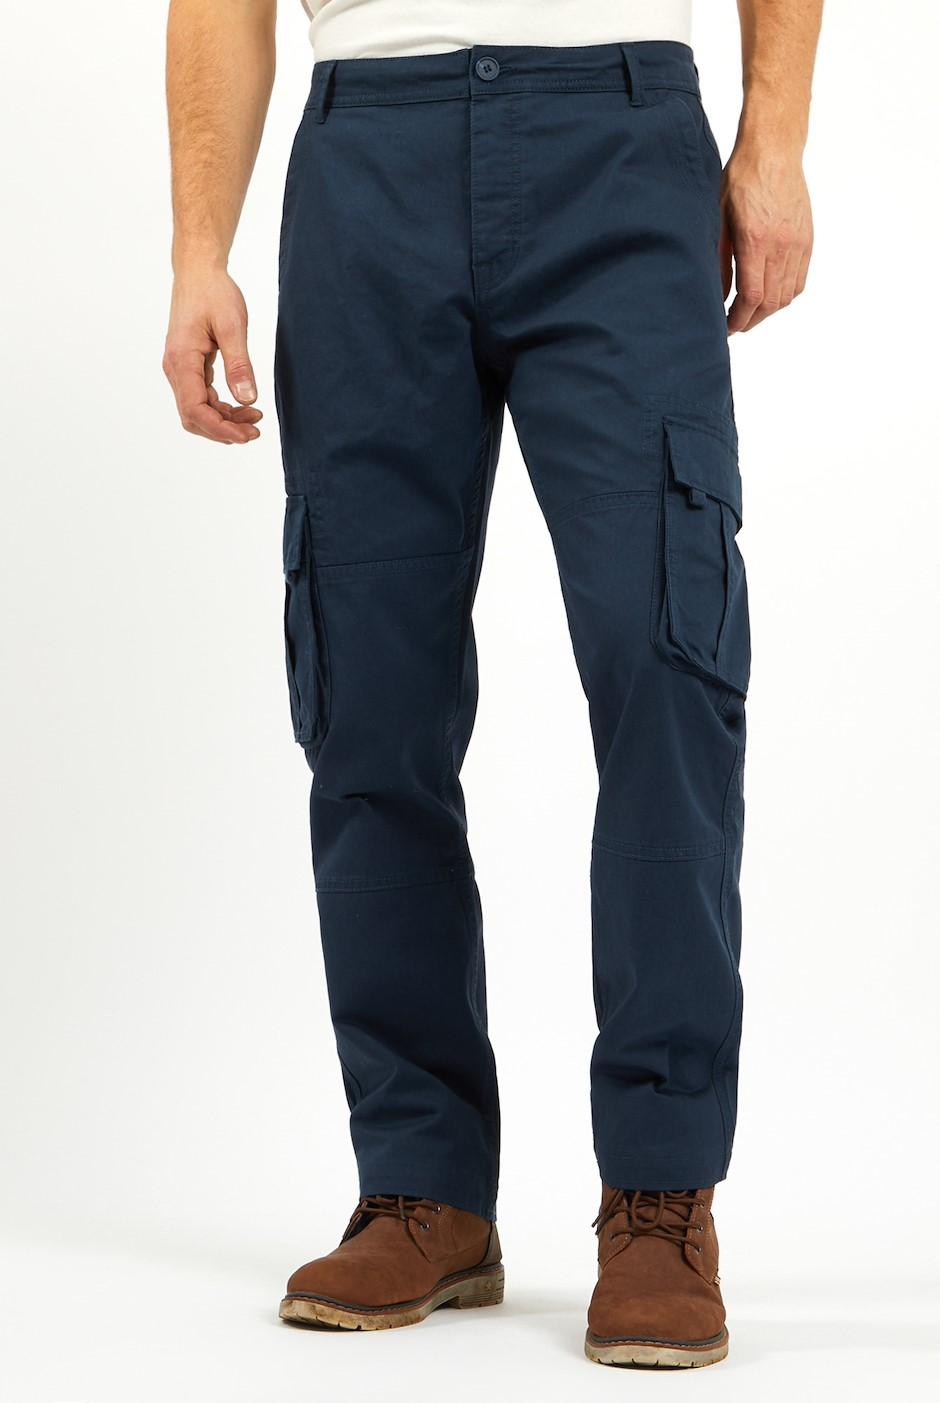 Wynn Twill Cargo Trousers Navy